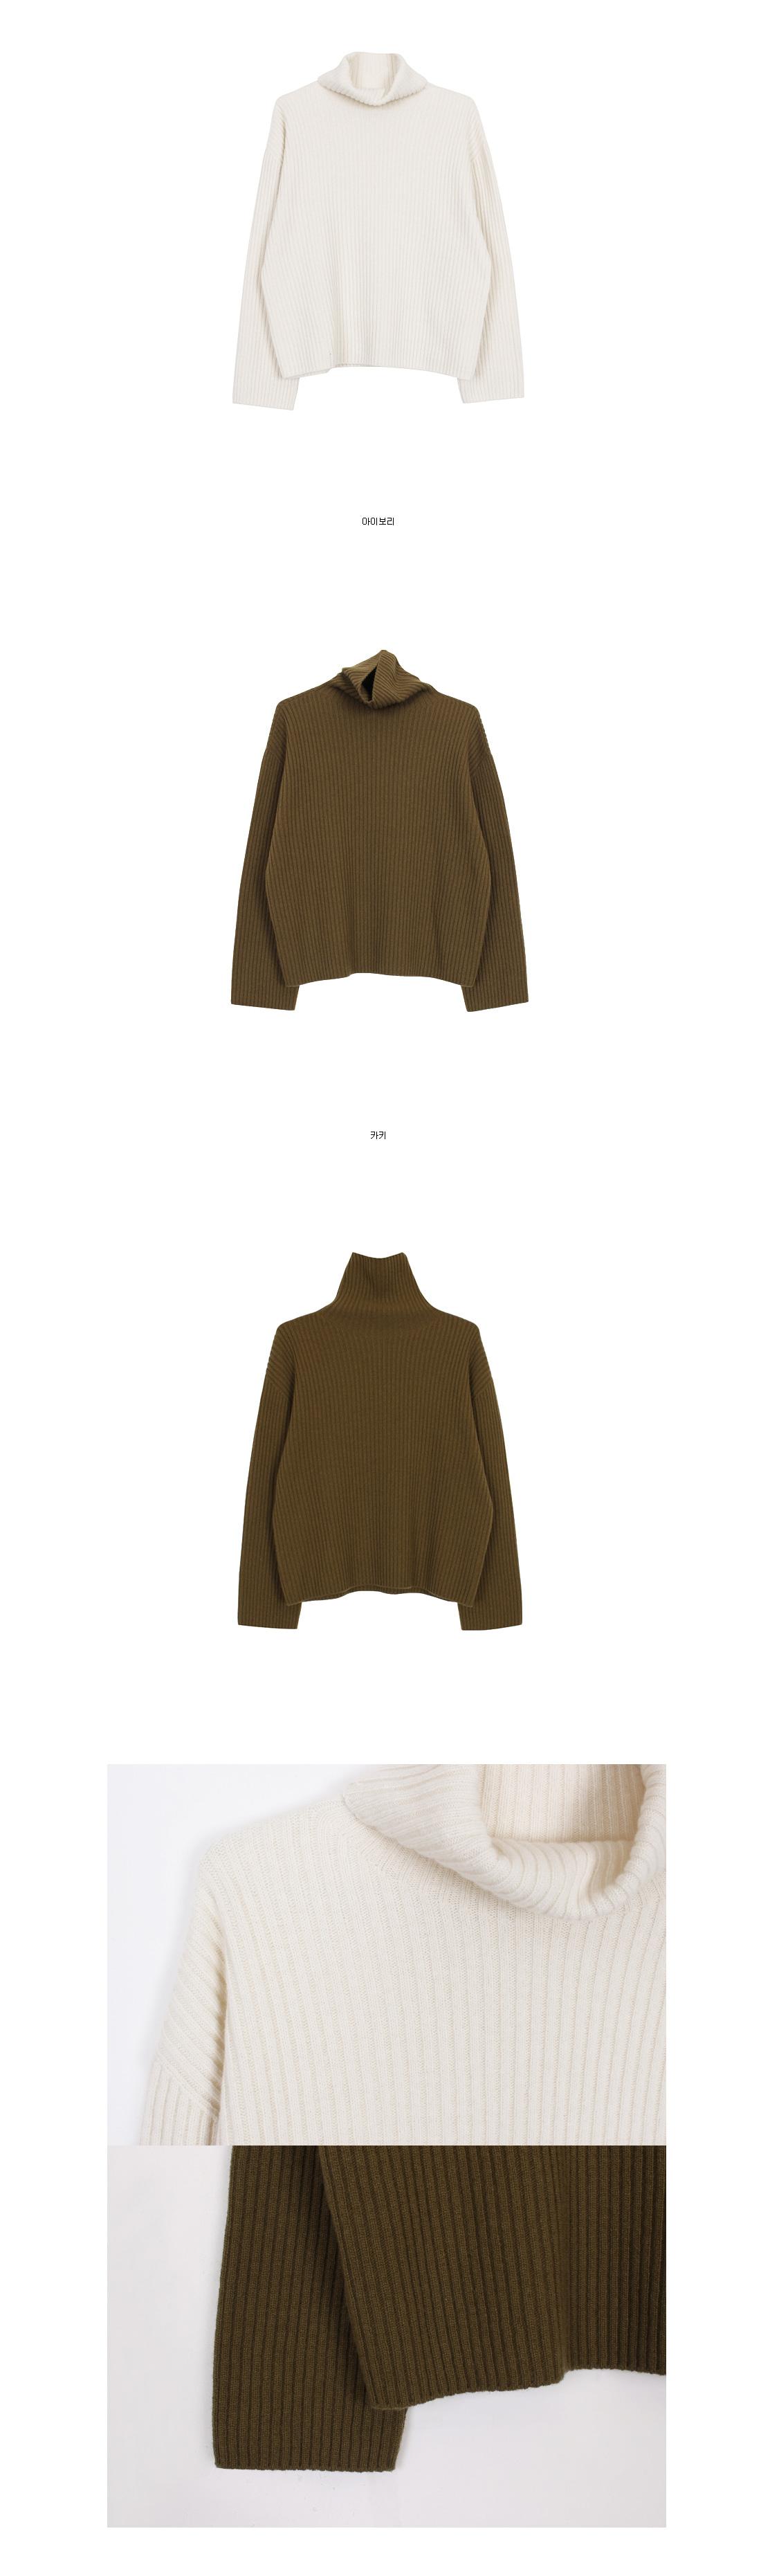 Holga turtle knit